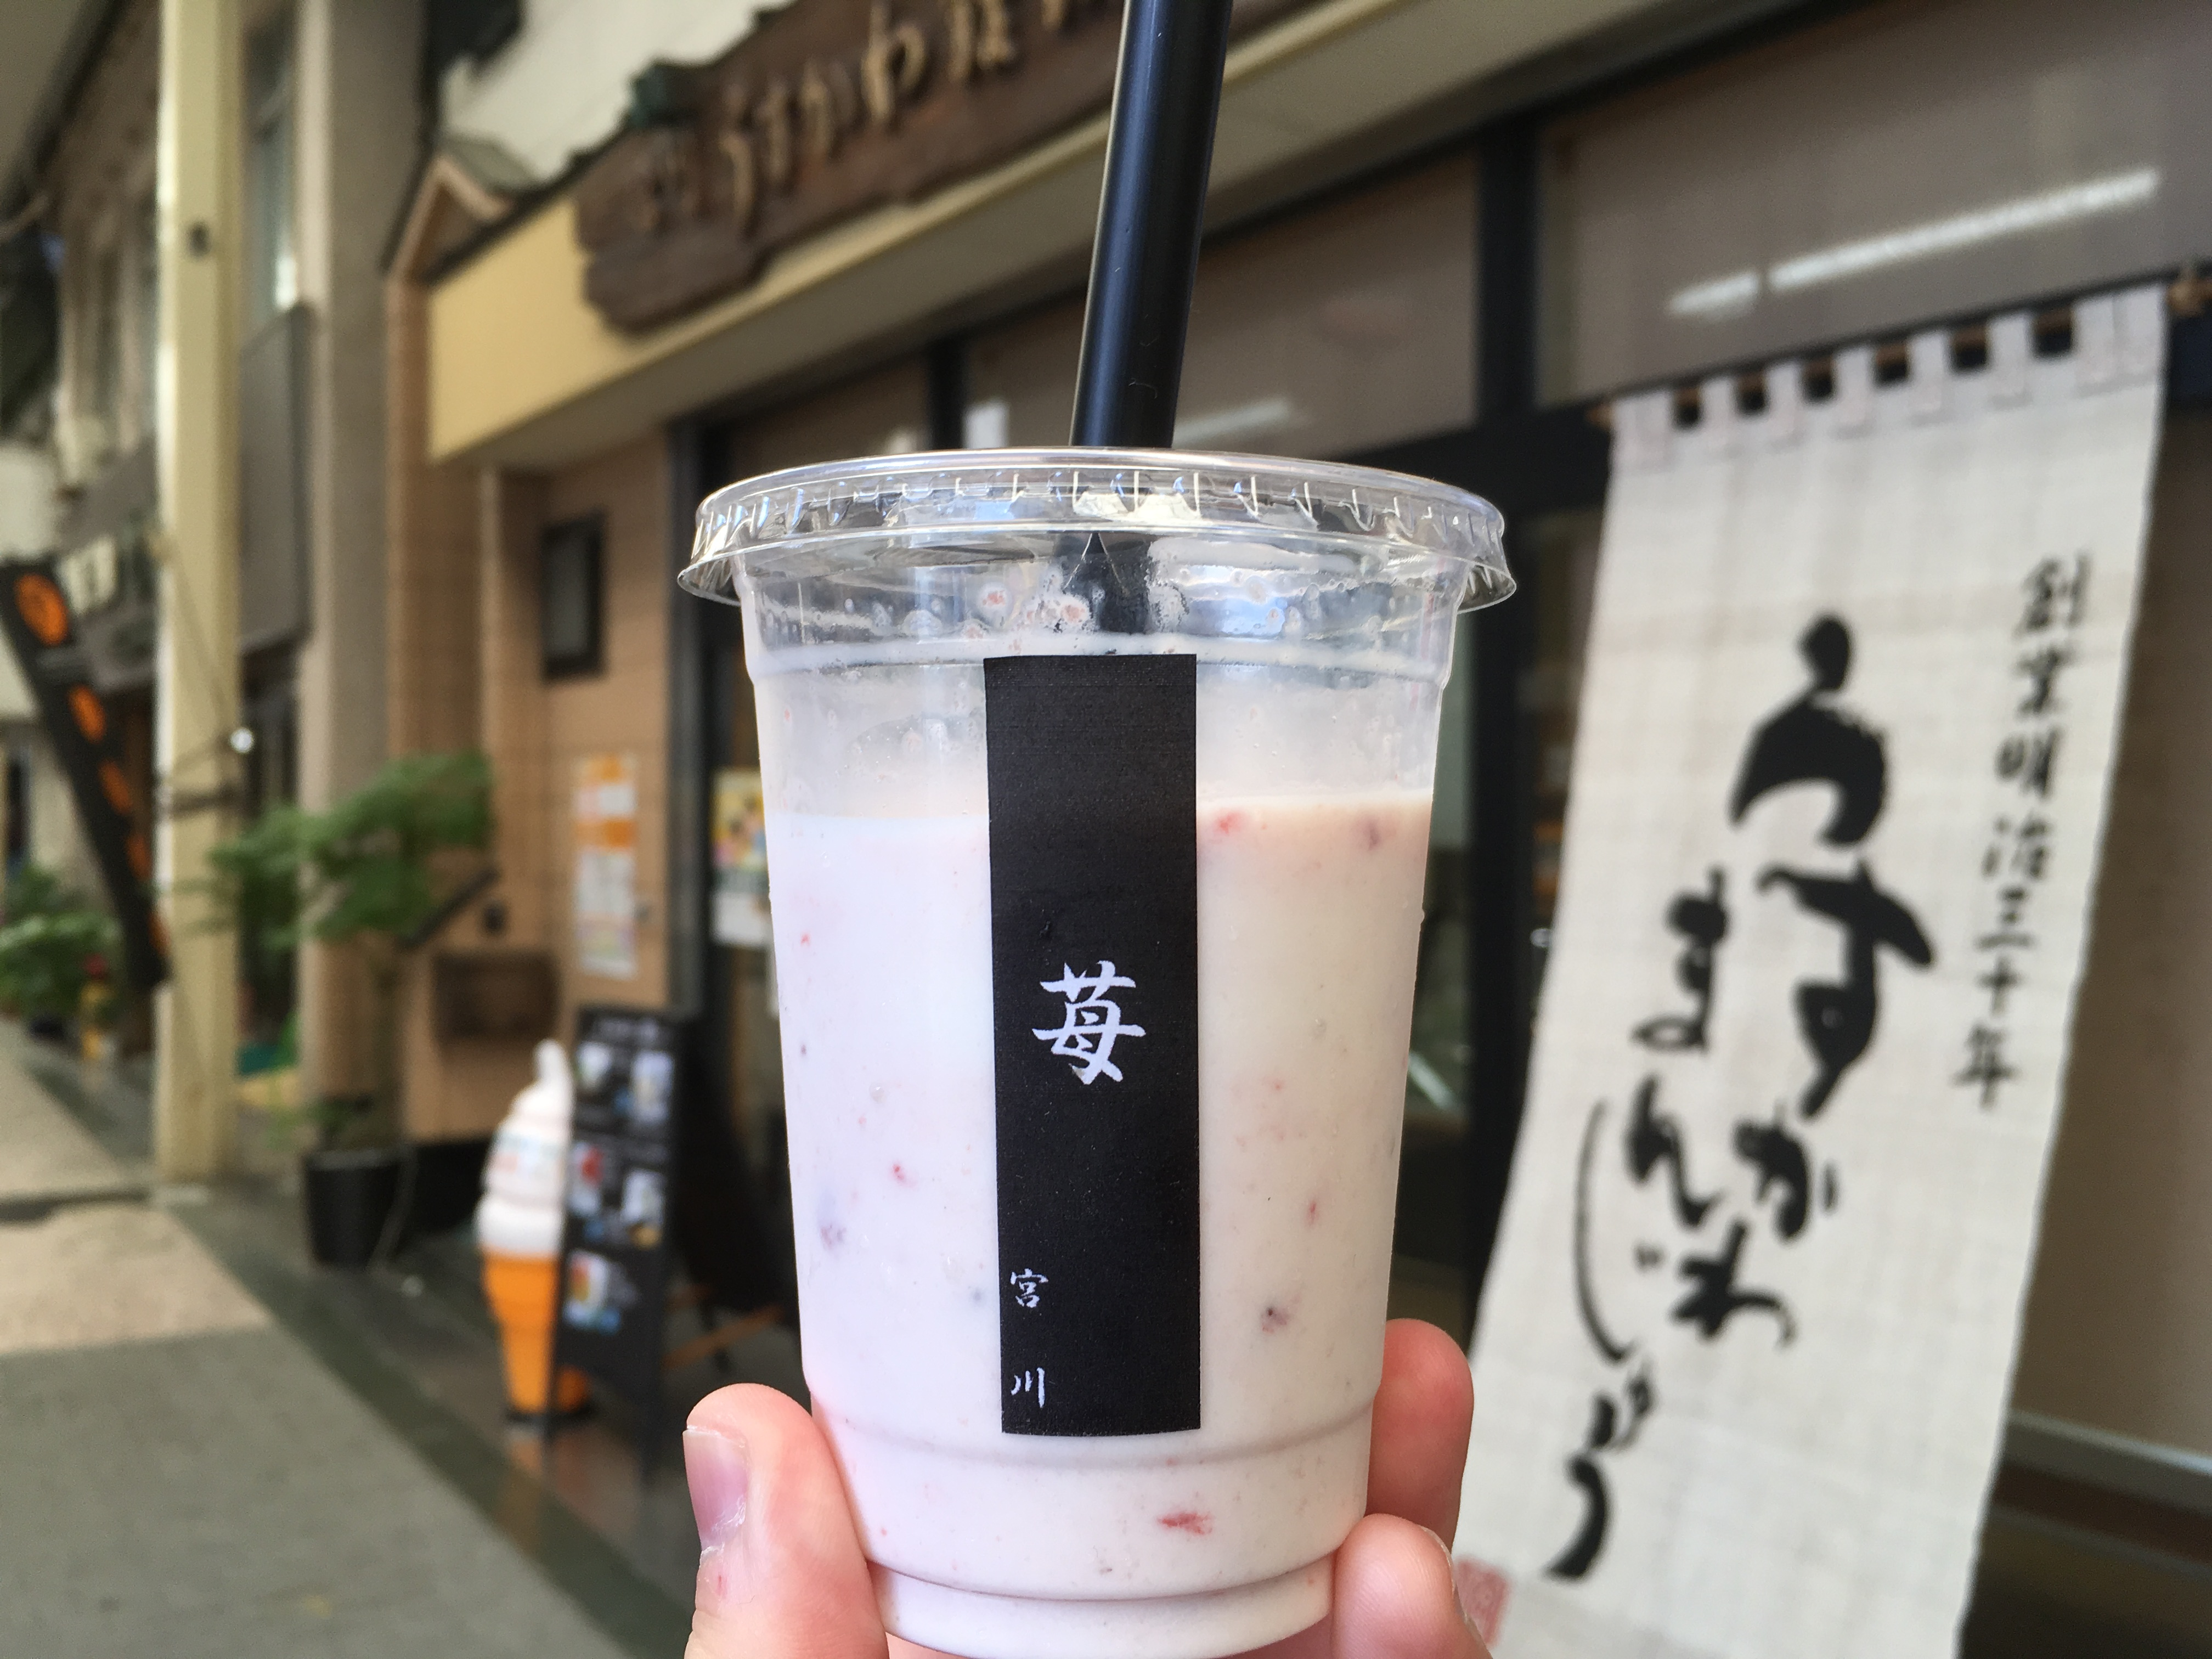 夏限定スイーツ!宮川菓子舗の「生乳ソフトシェイク」(苺フレーバー)を食べてきました!